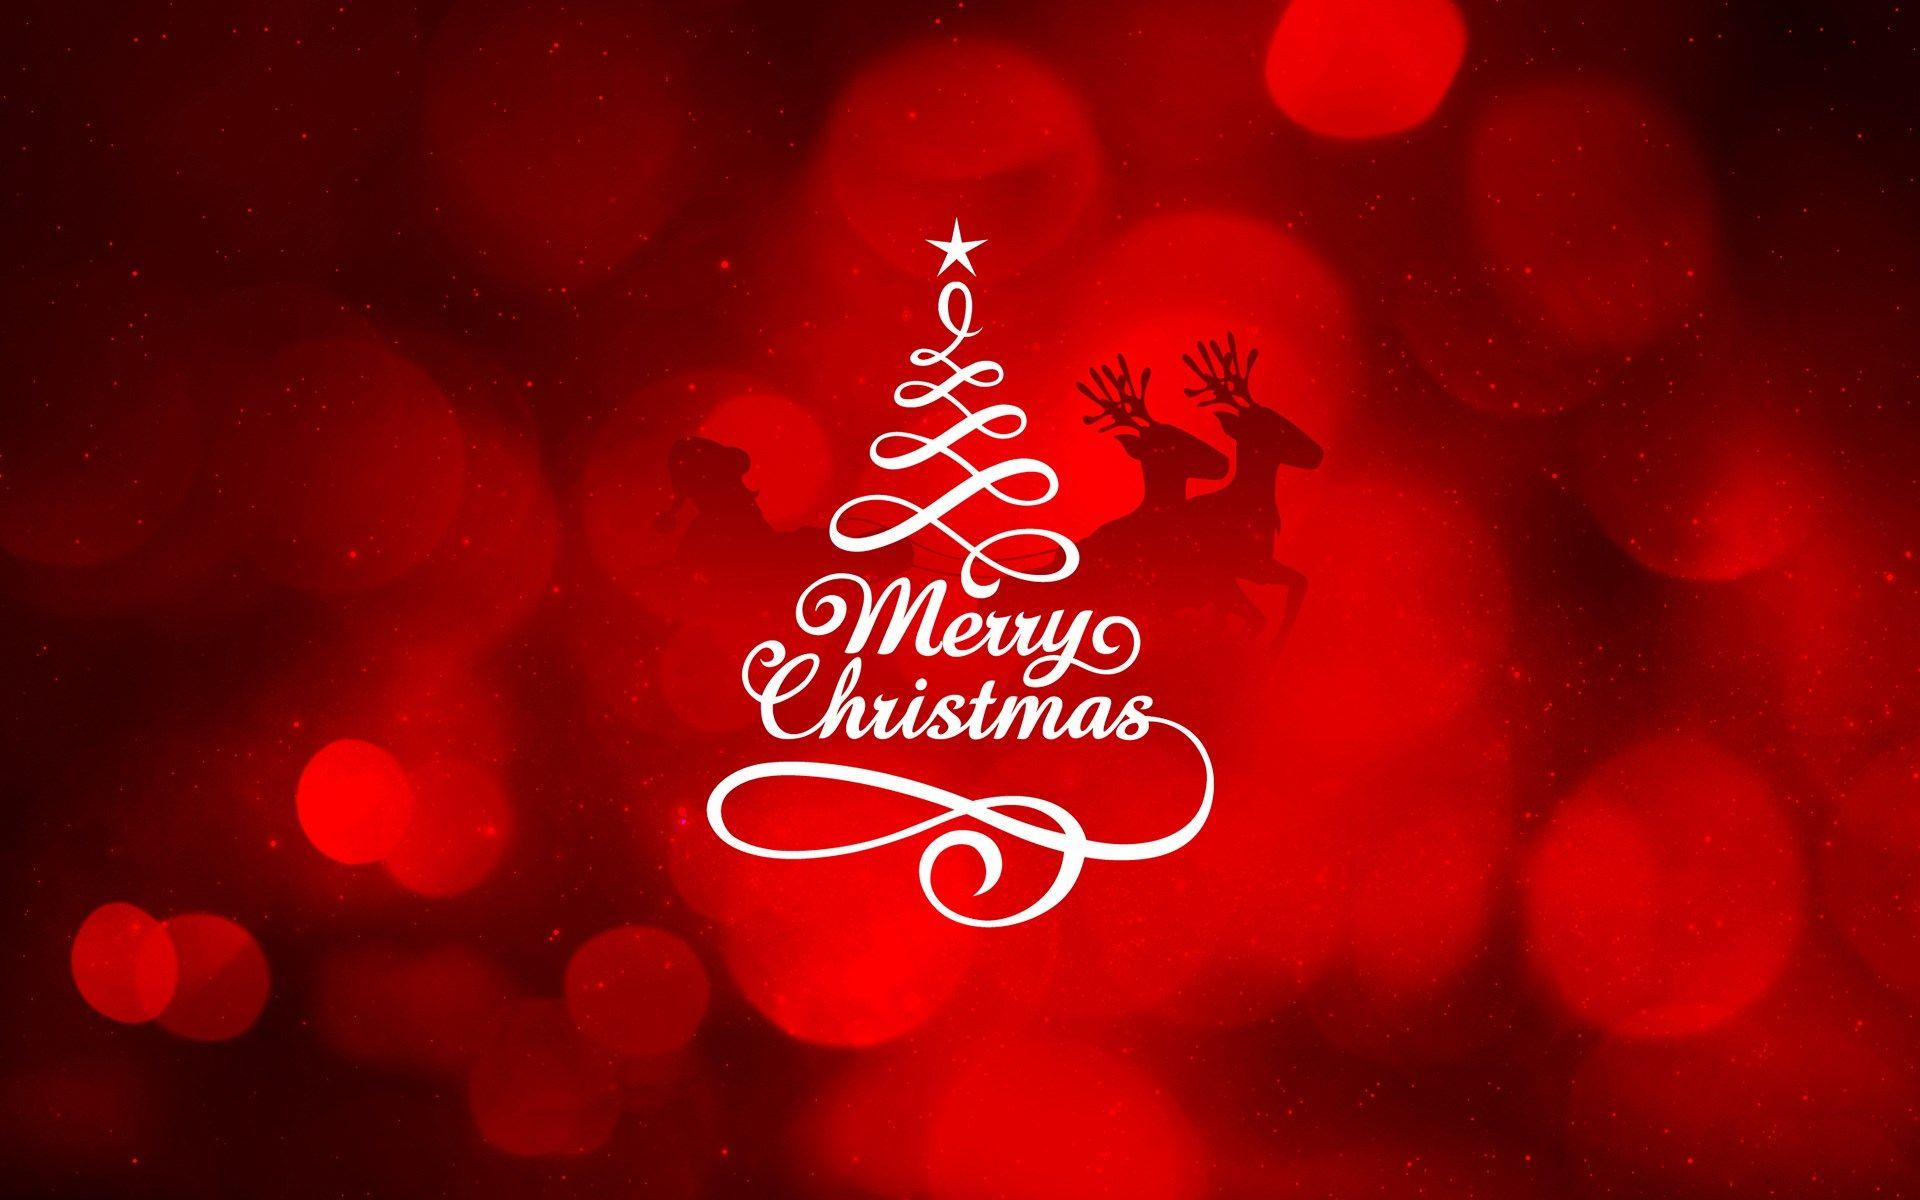 Merry christmas desktop background wallpaper x sharovarka